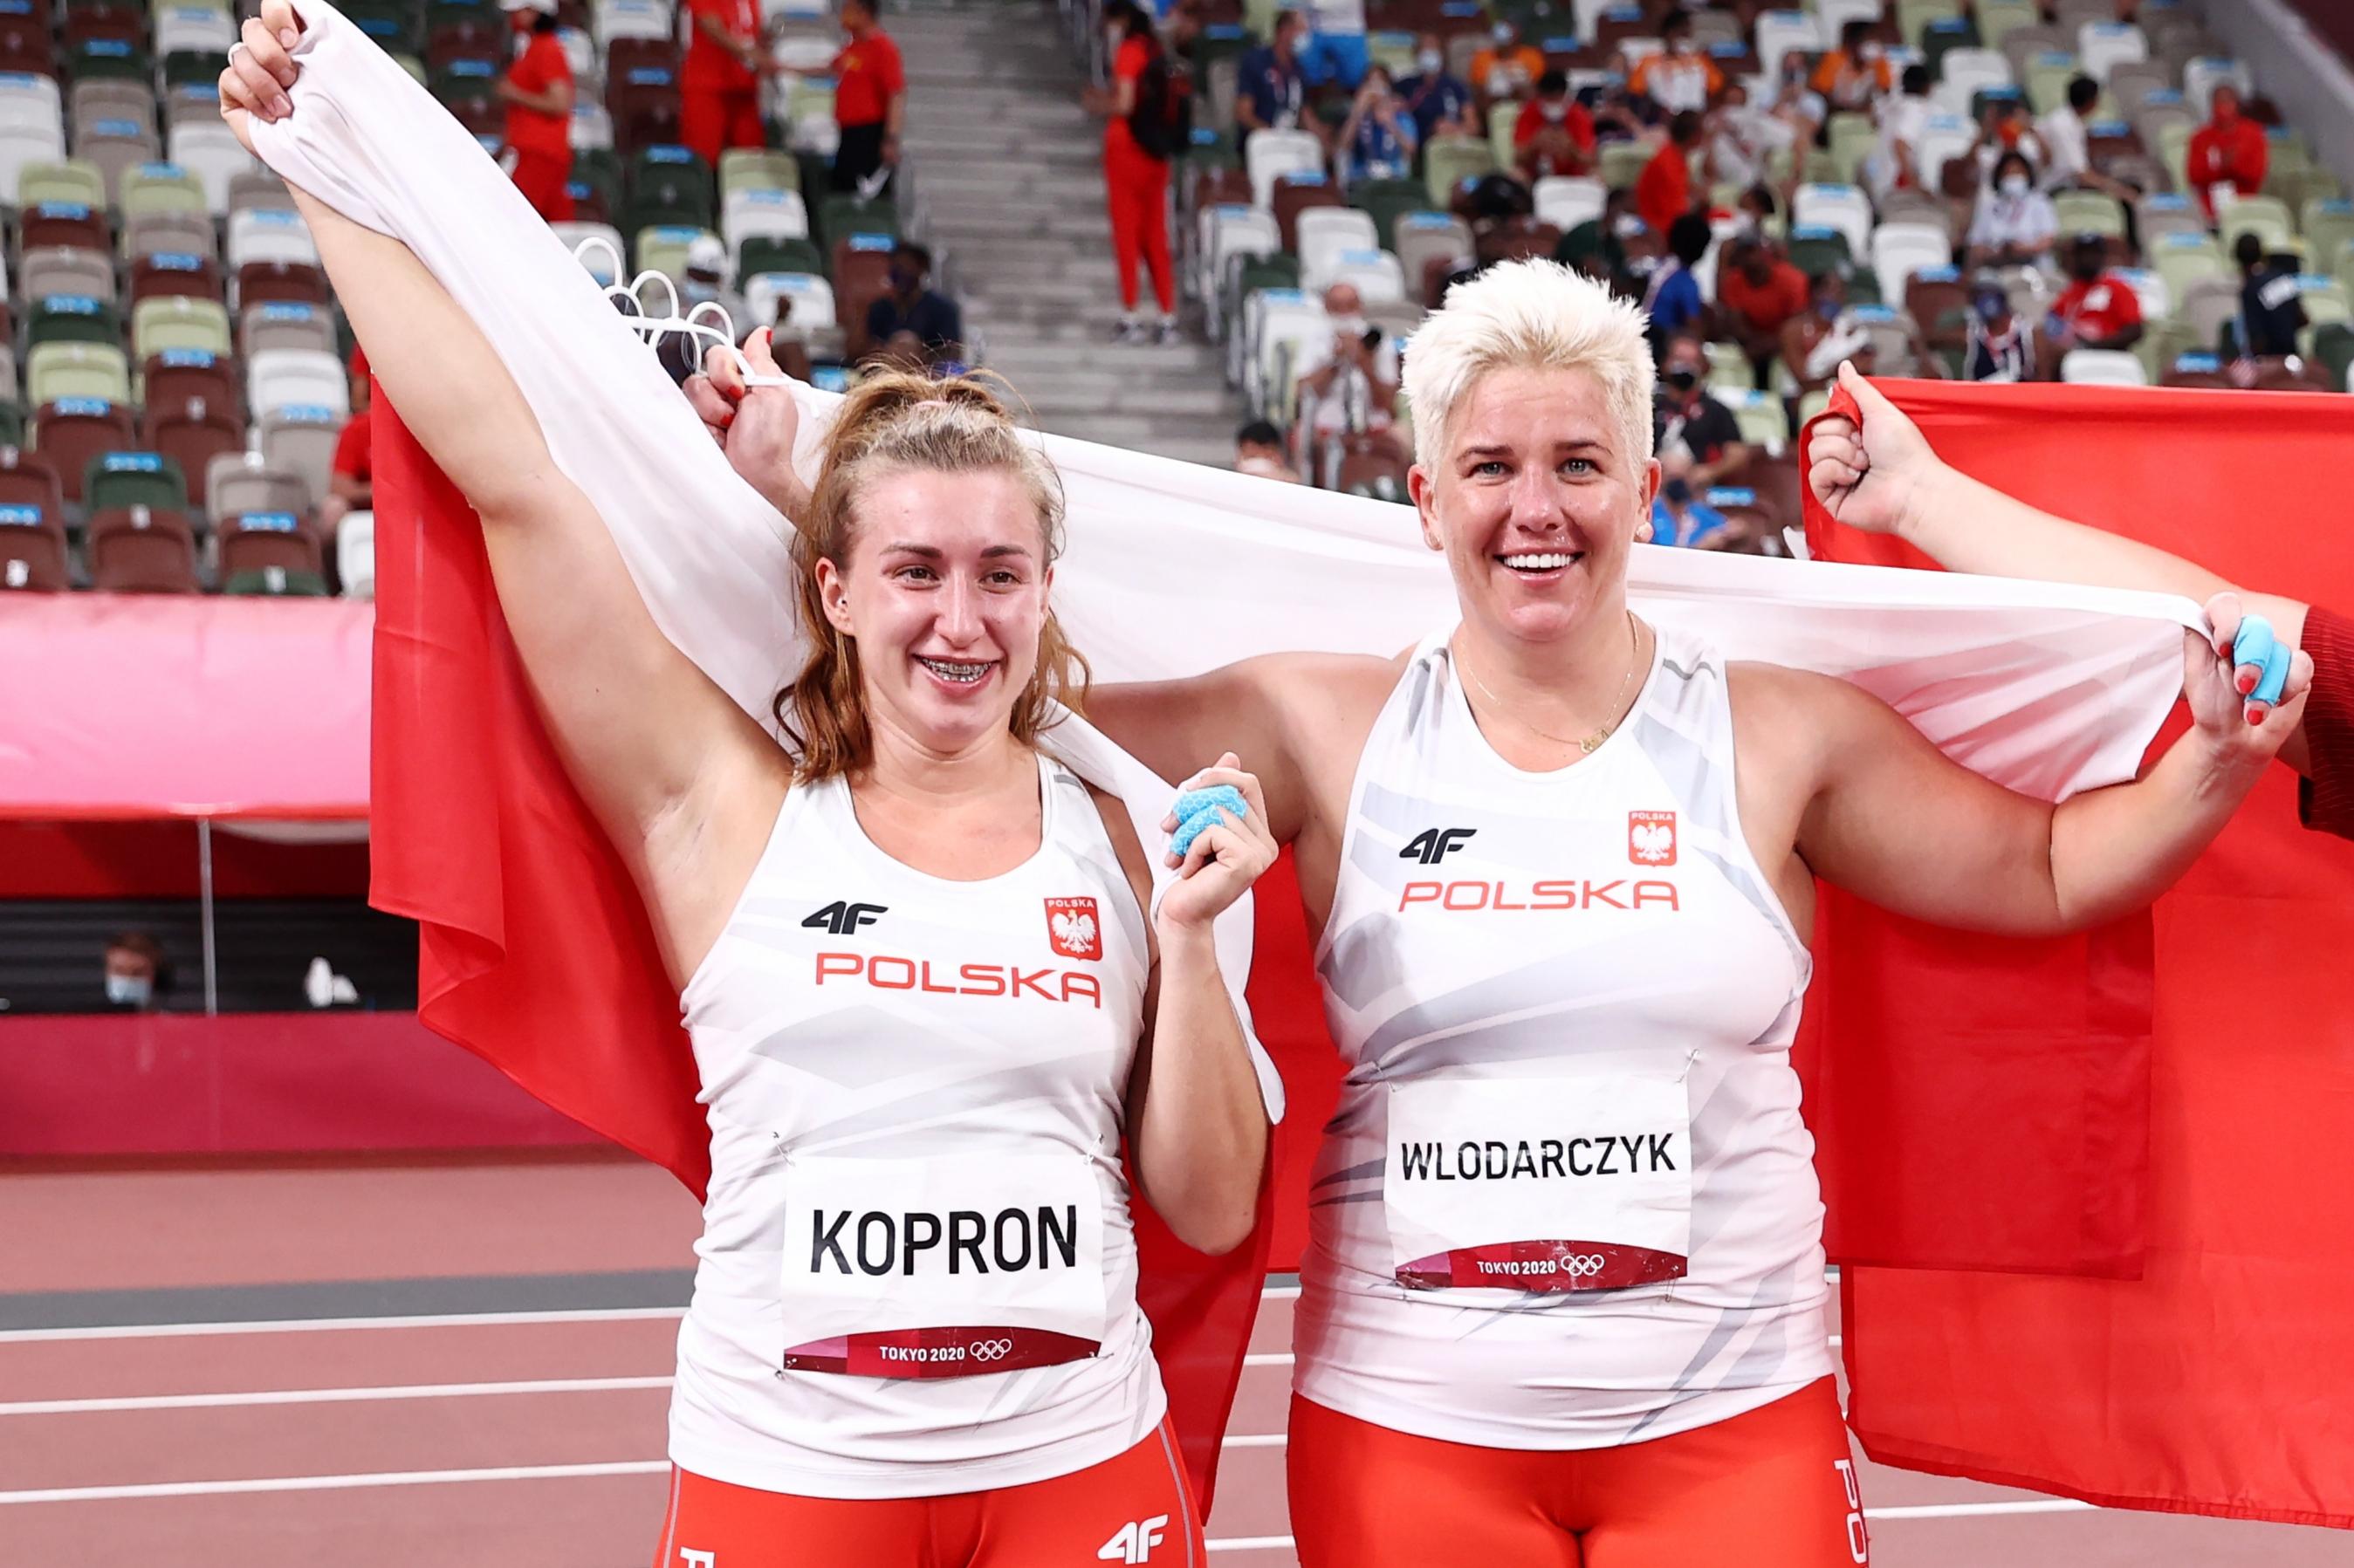 Igrzyska olimpijskie Tokio - Anita Włodarczyk i Malwina Kopron